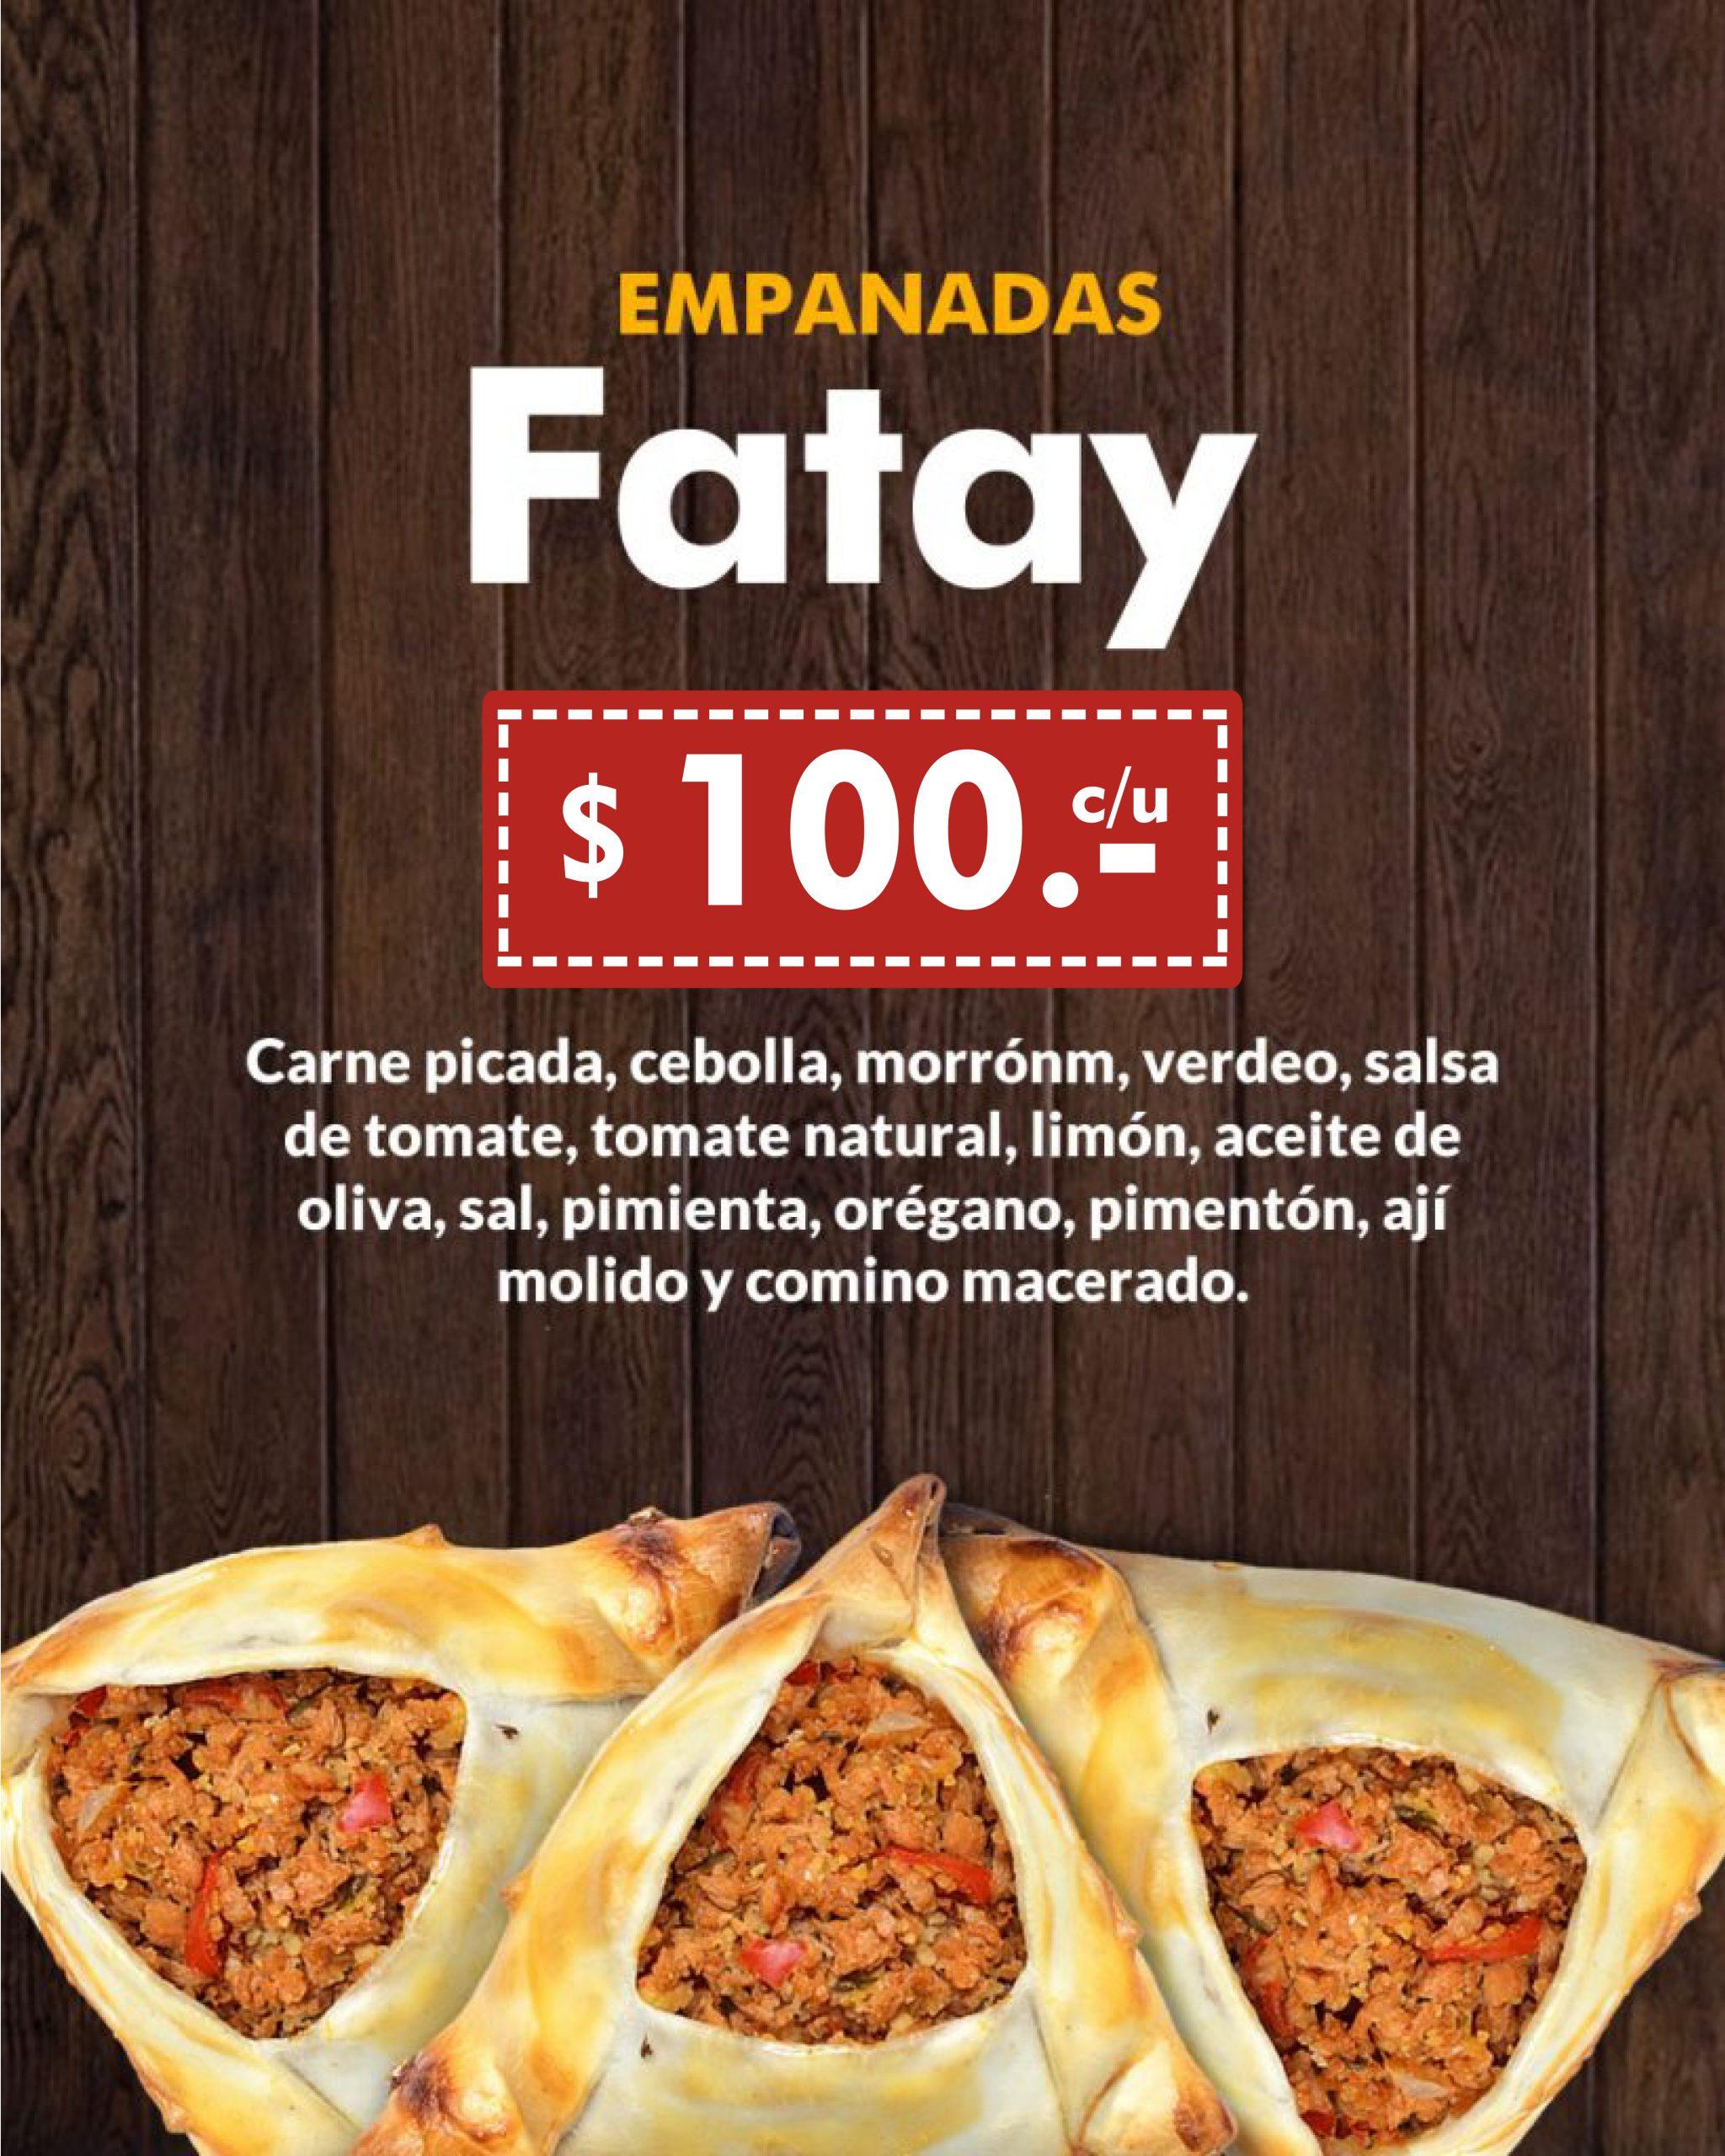 empanadas delivery